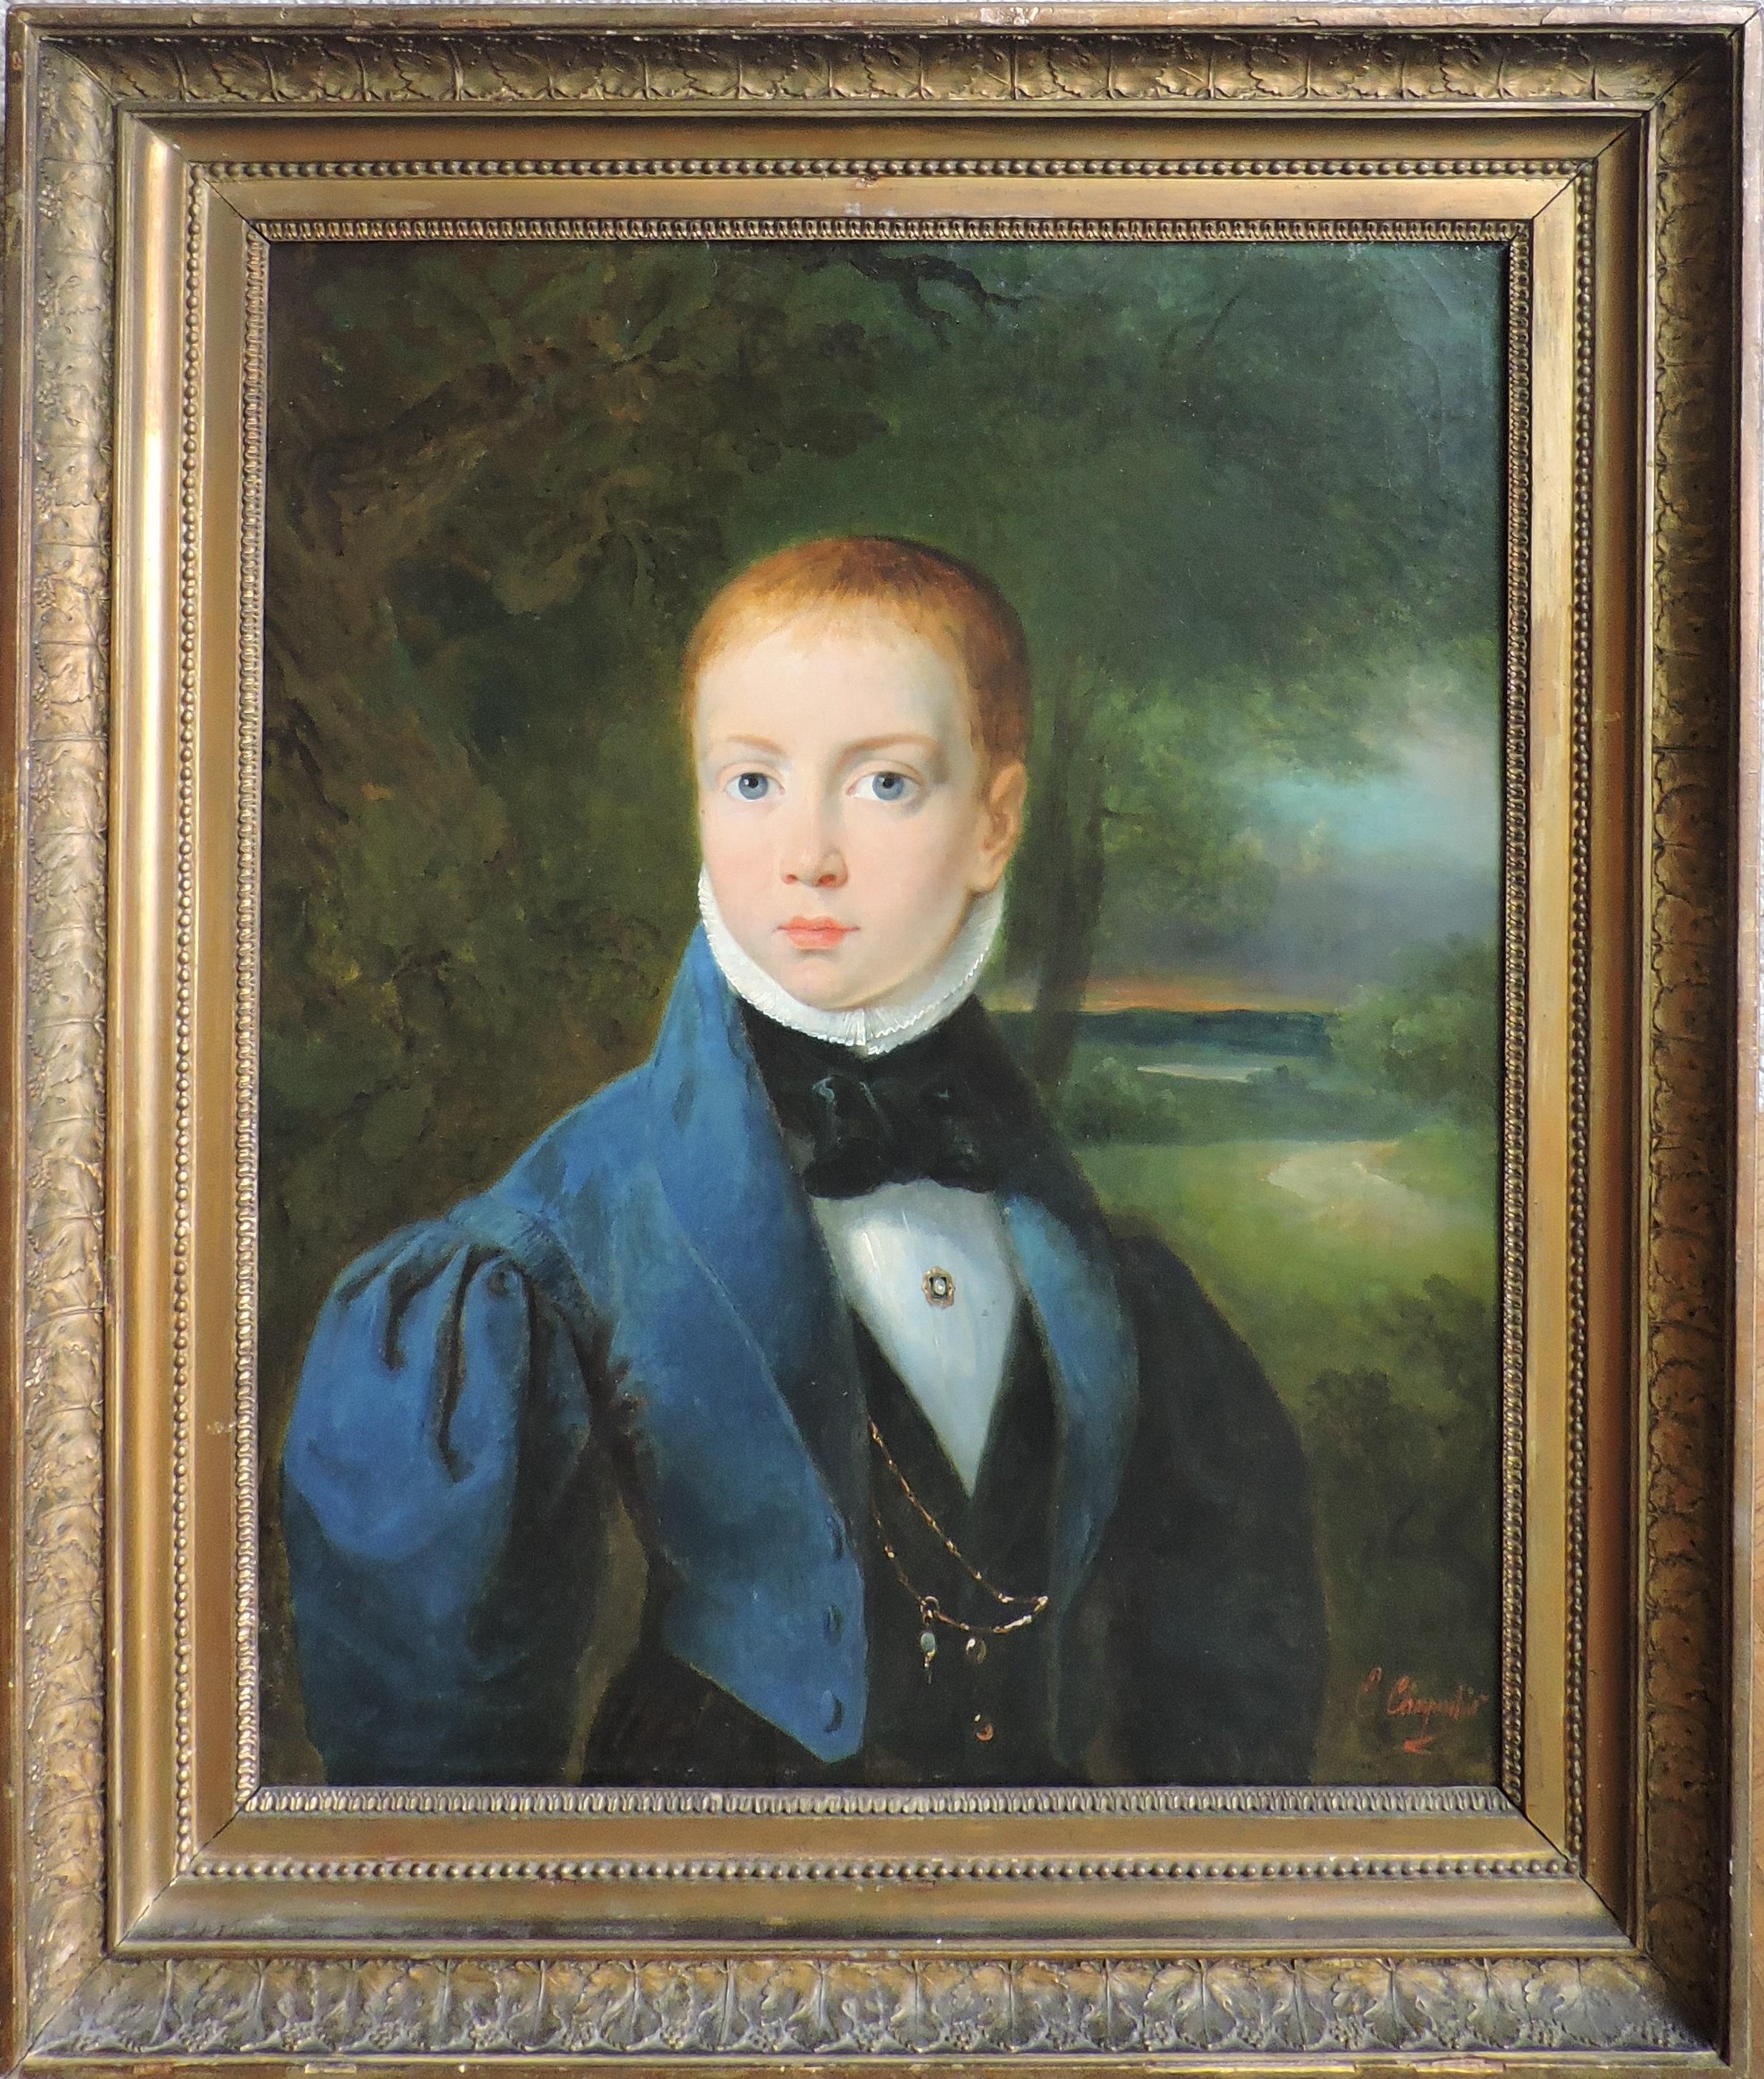 Duc de Bordeaux – Comte de Chambord